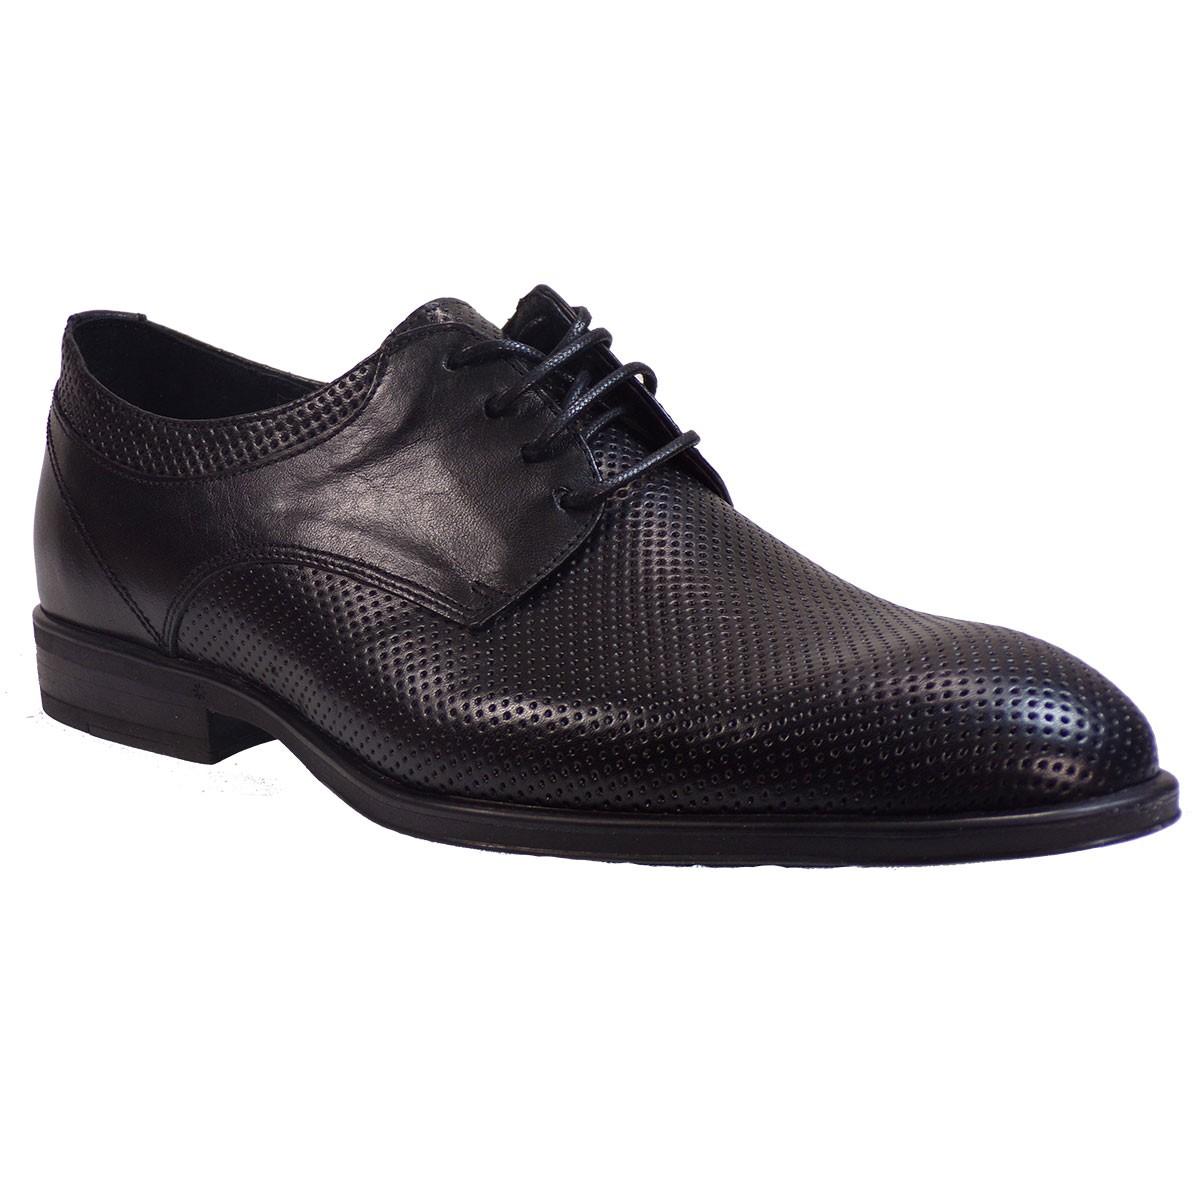 3bdcc999d8d kricket Ανδρικά Παπούτσια 600Λ Μαύρο Δέρμα – IShoeStore